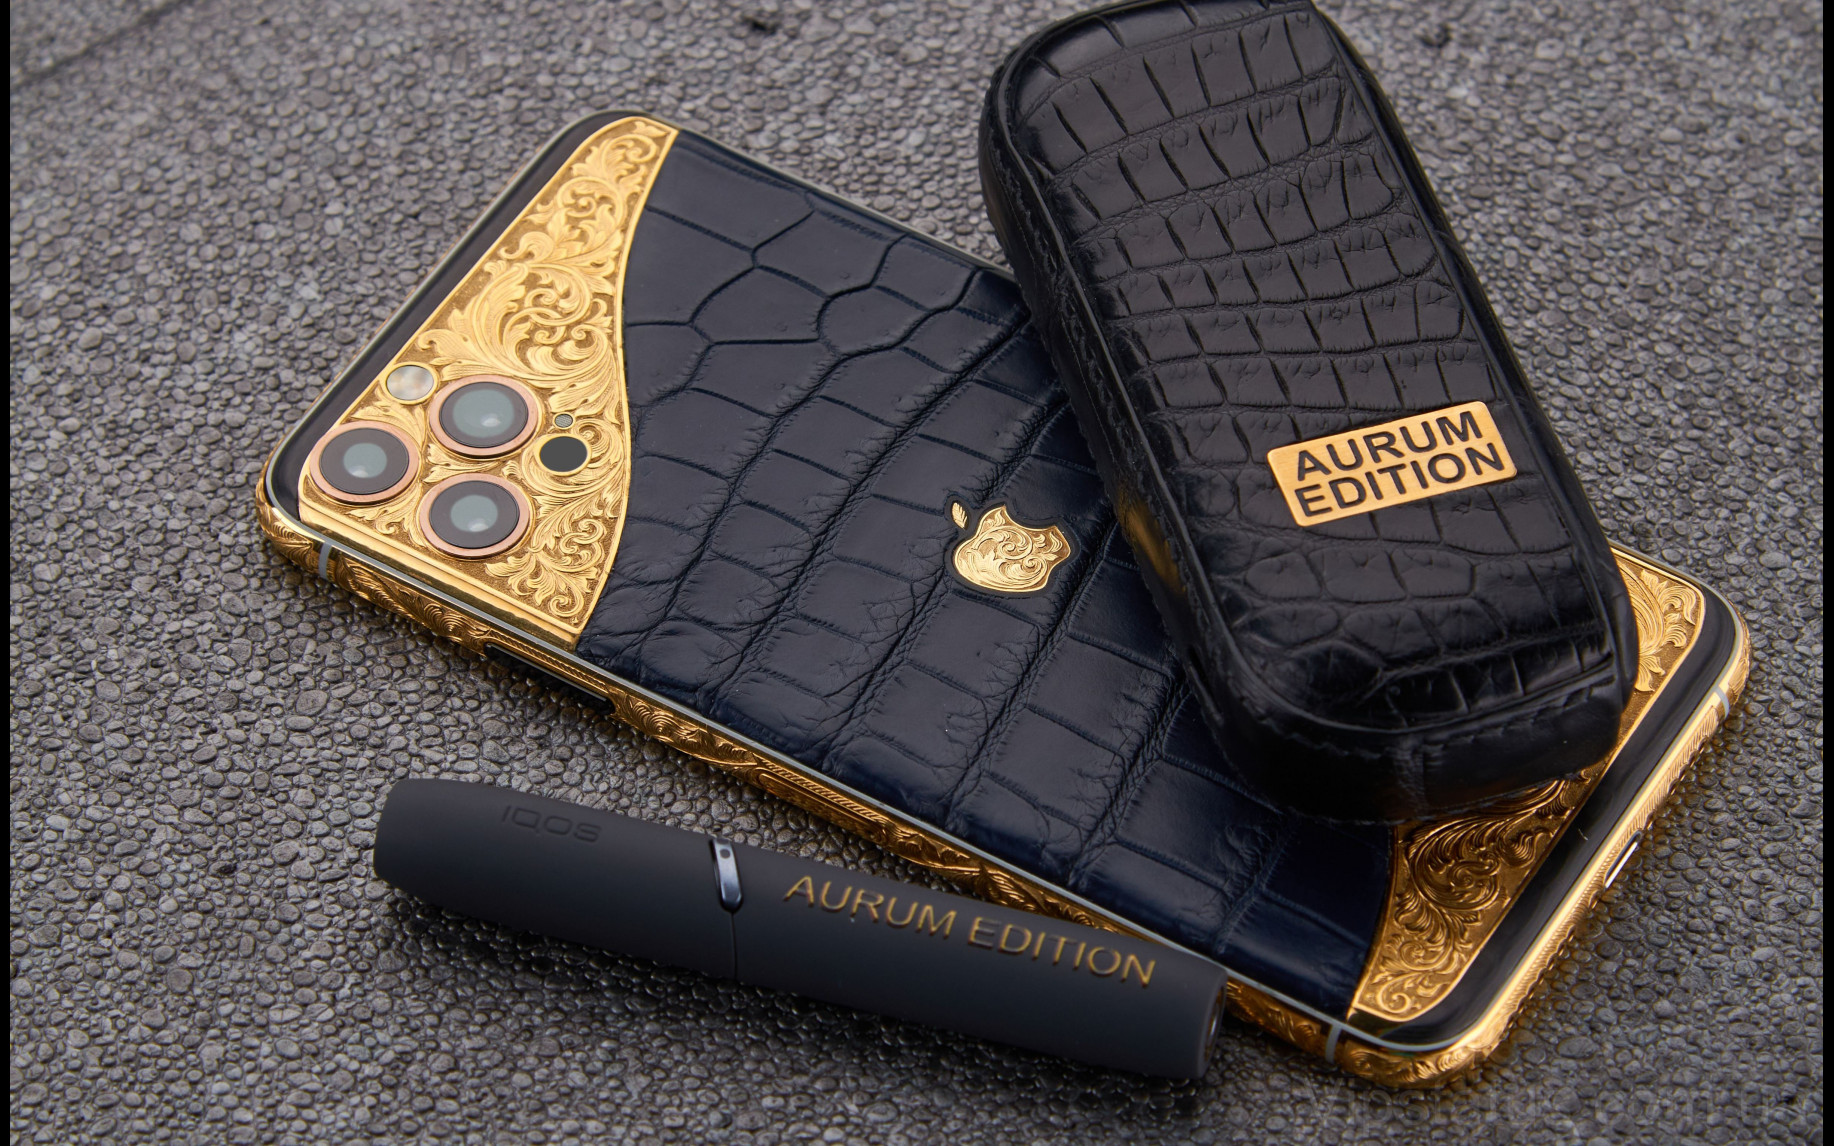 Elite Gold Aristocrate IPHONE 12 PRO MAX 512 GB Gold Aristocrate IPHONE 12 PRO MAX 512 GB image 5